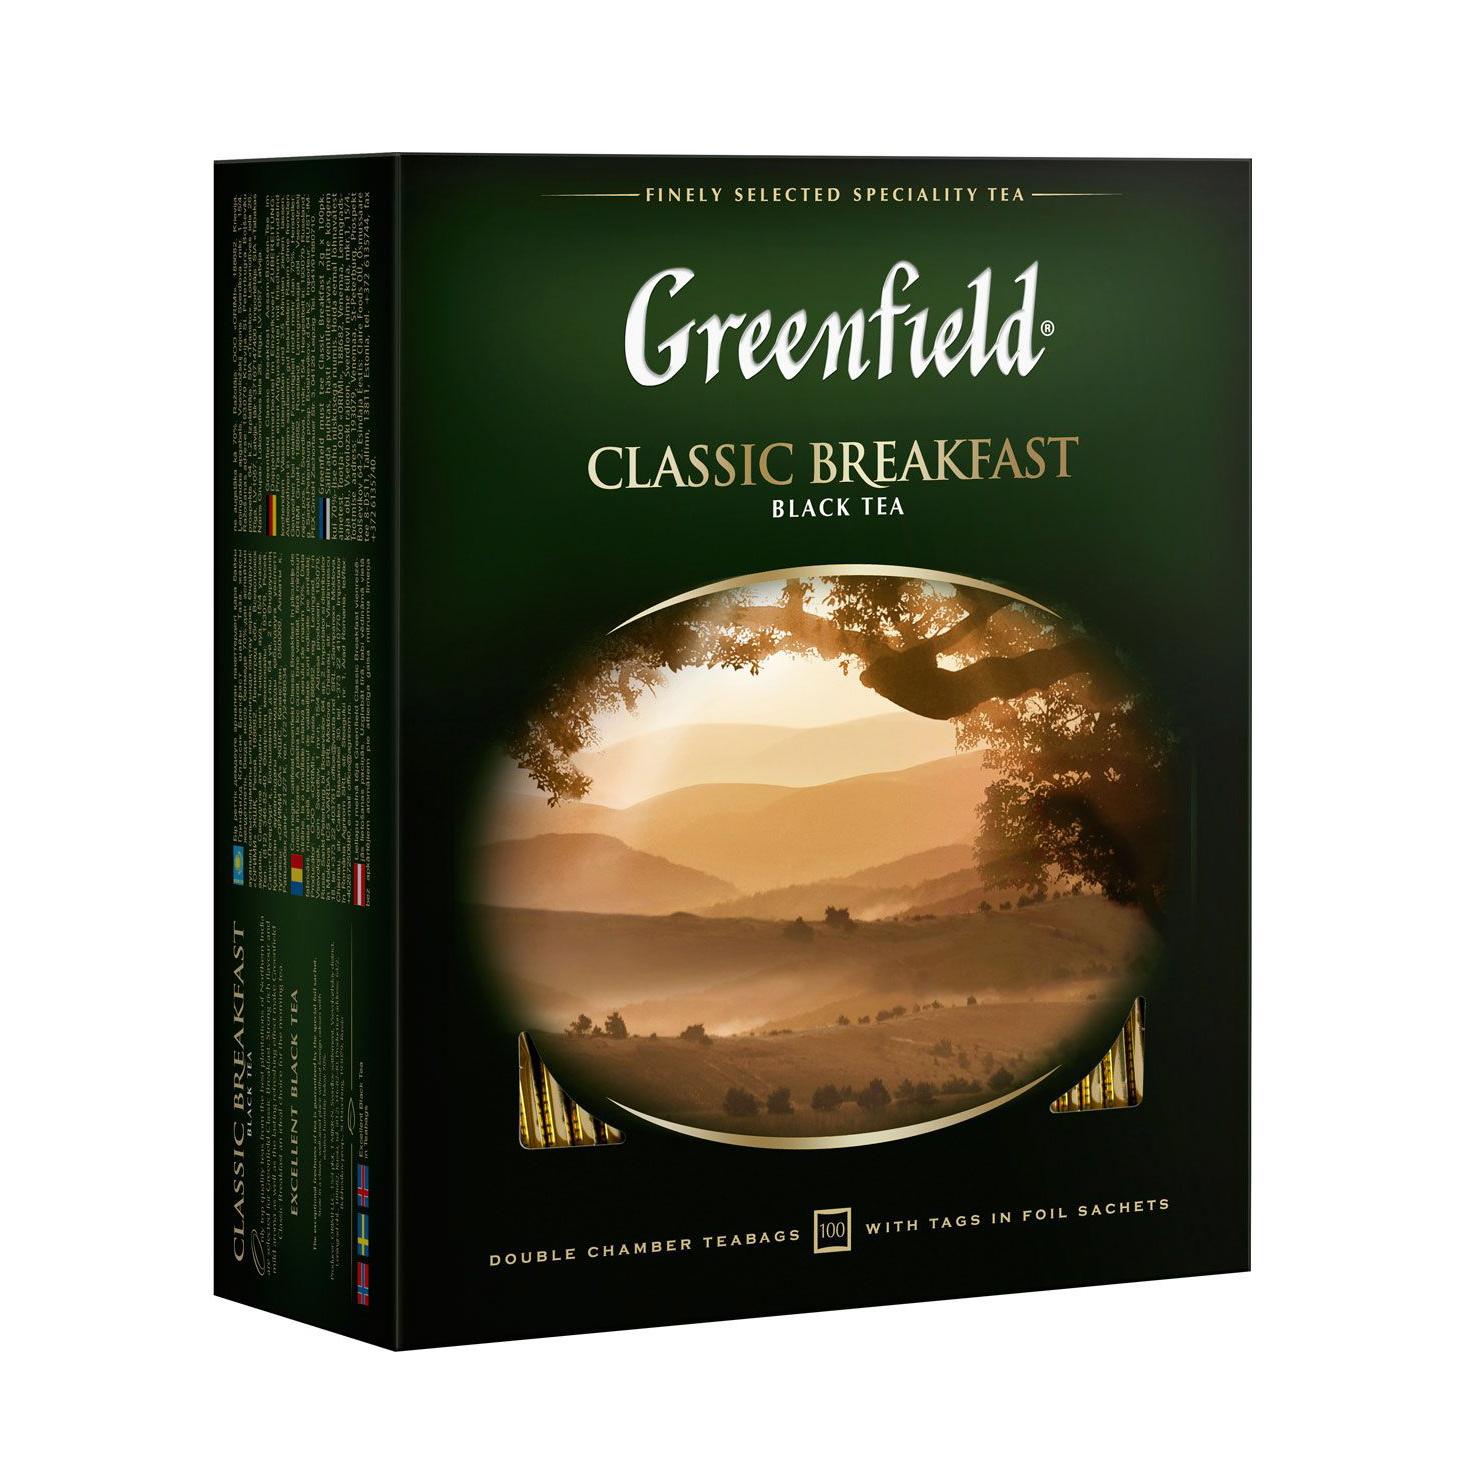 Фото - Чай черный Greenfield Классик Брекфаст 100х2 г чай черный matis золото цейлона 100х2 г